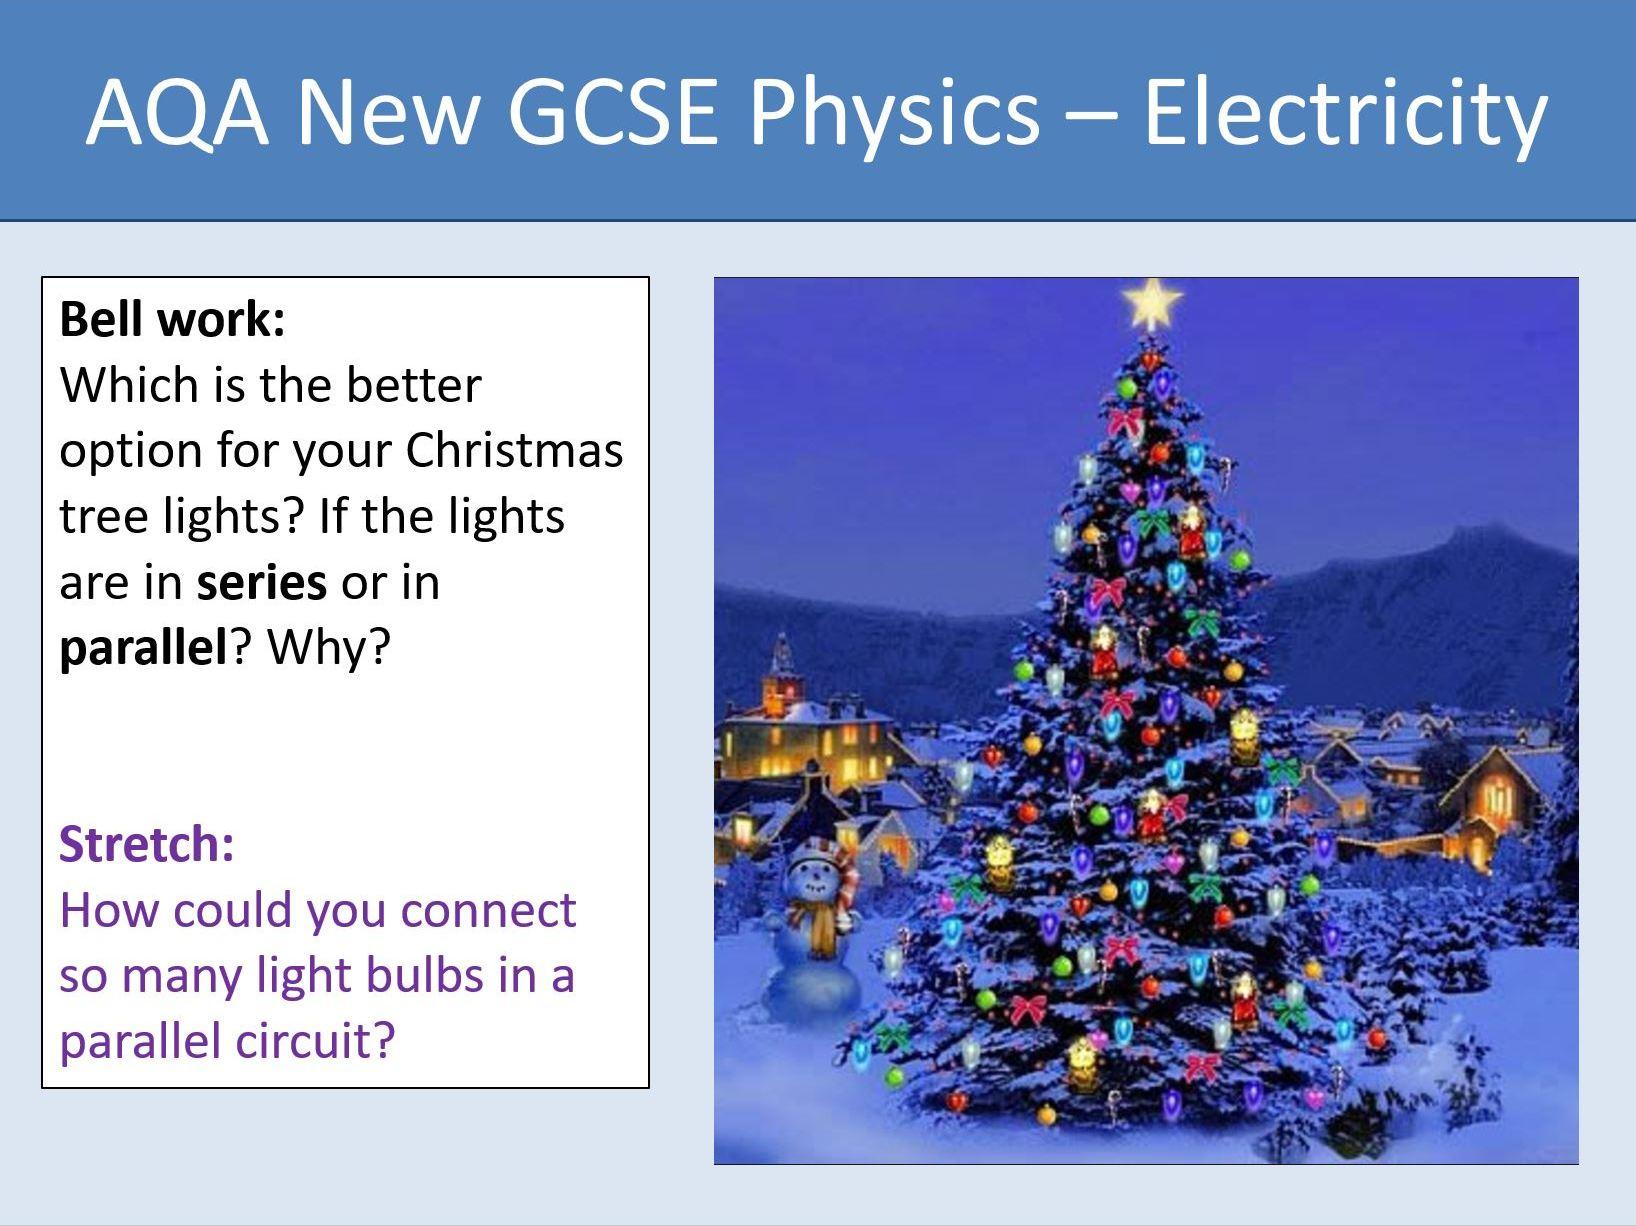 AQA 9-1 GCSE Electricity Lesson Bundle